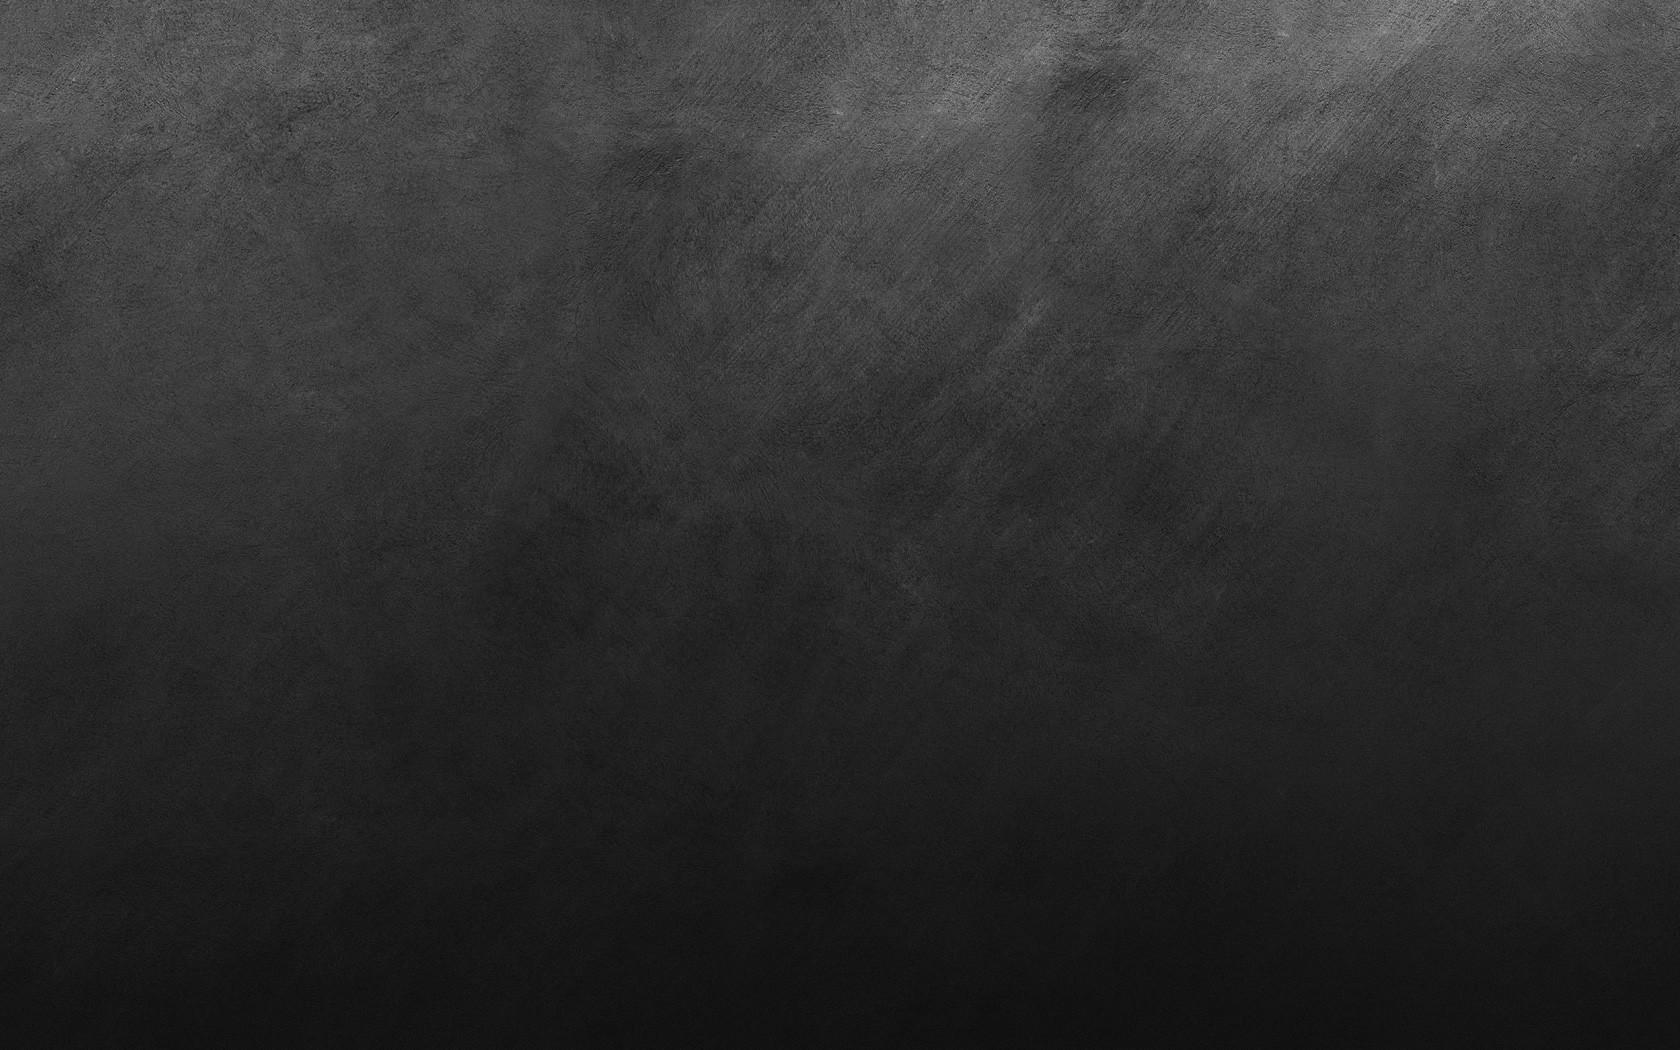 Dark Textures Wallpaper 1680x1050 Dark Textures 1680x1050